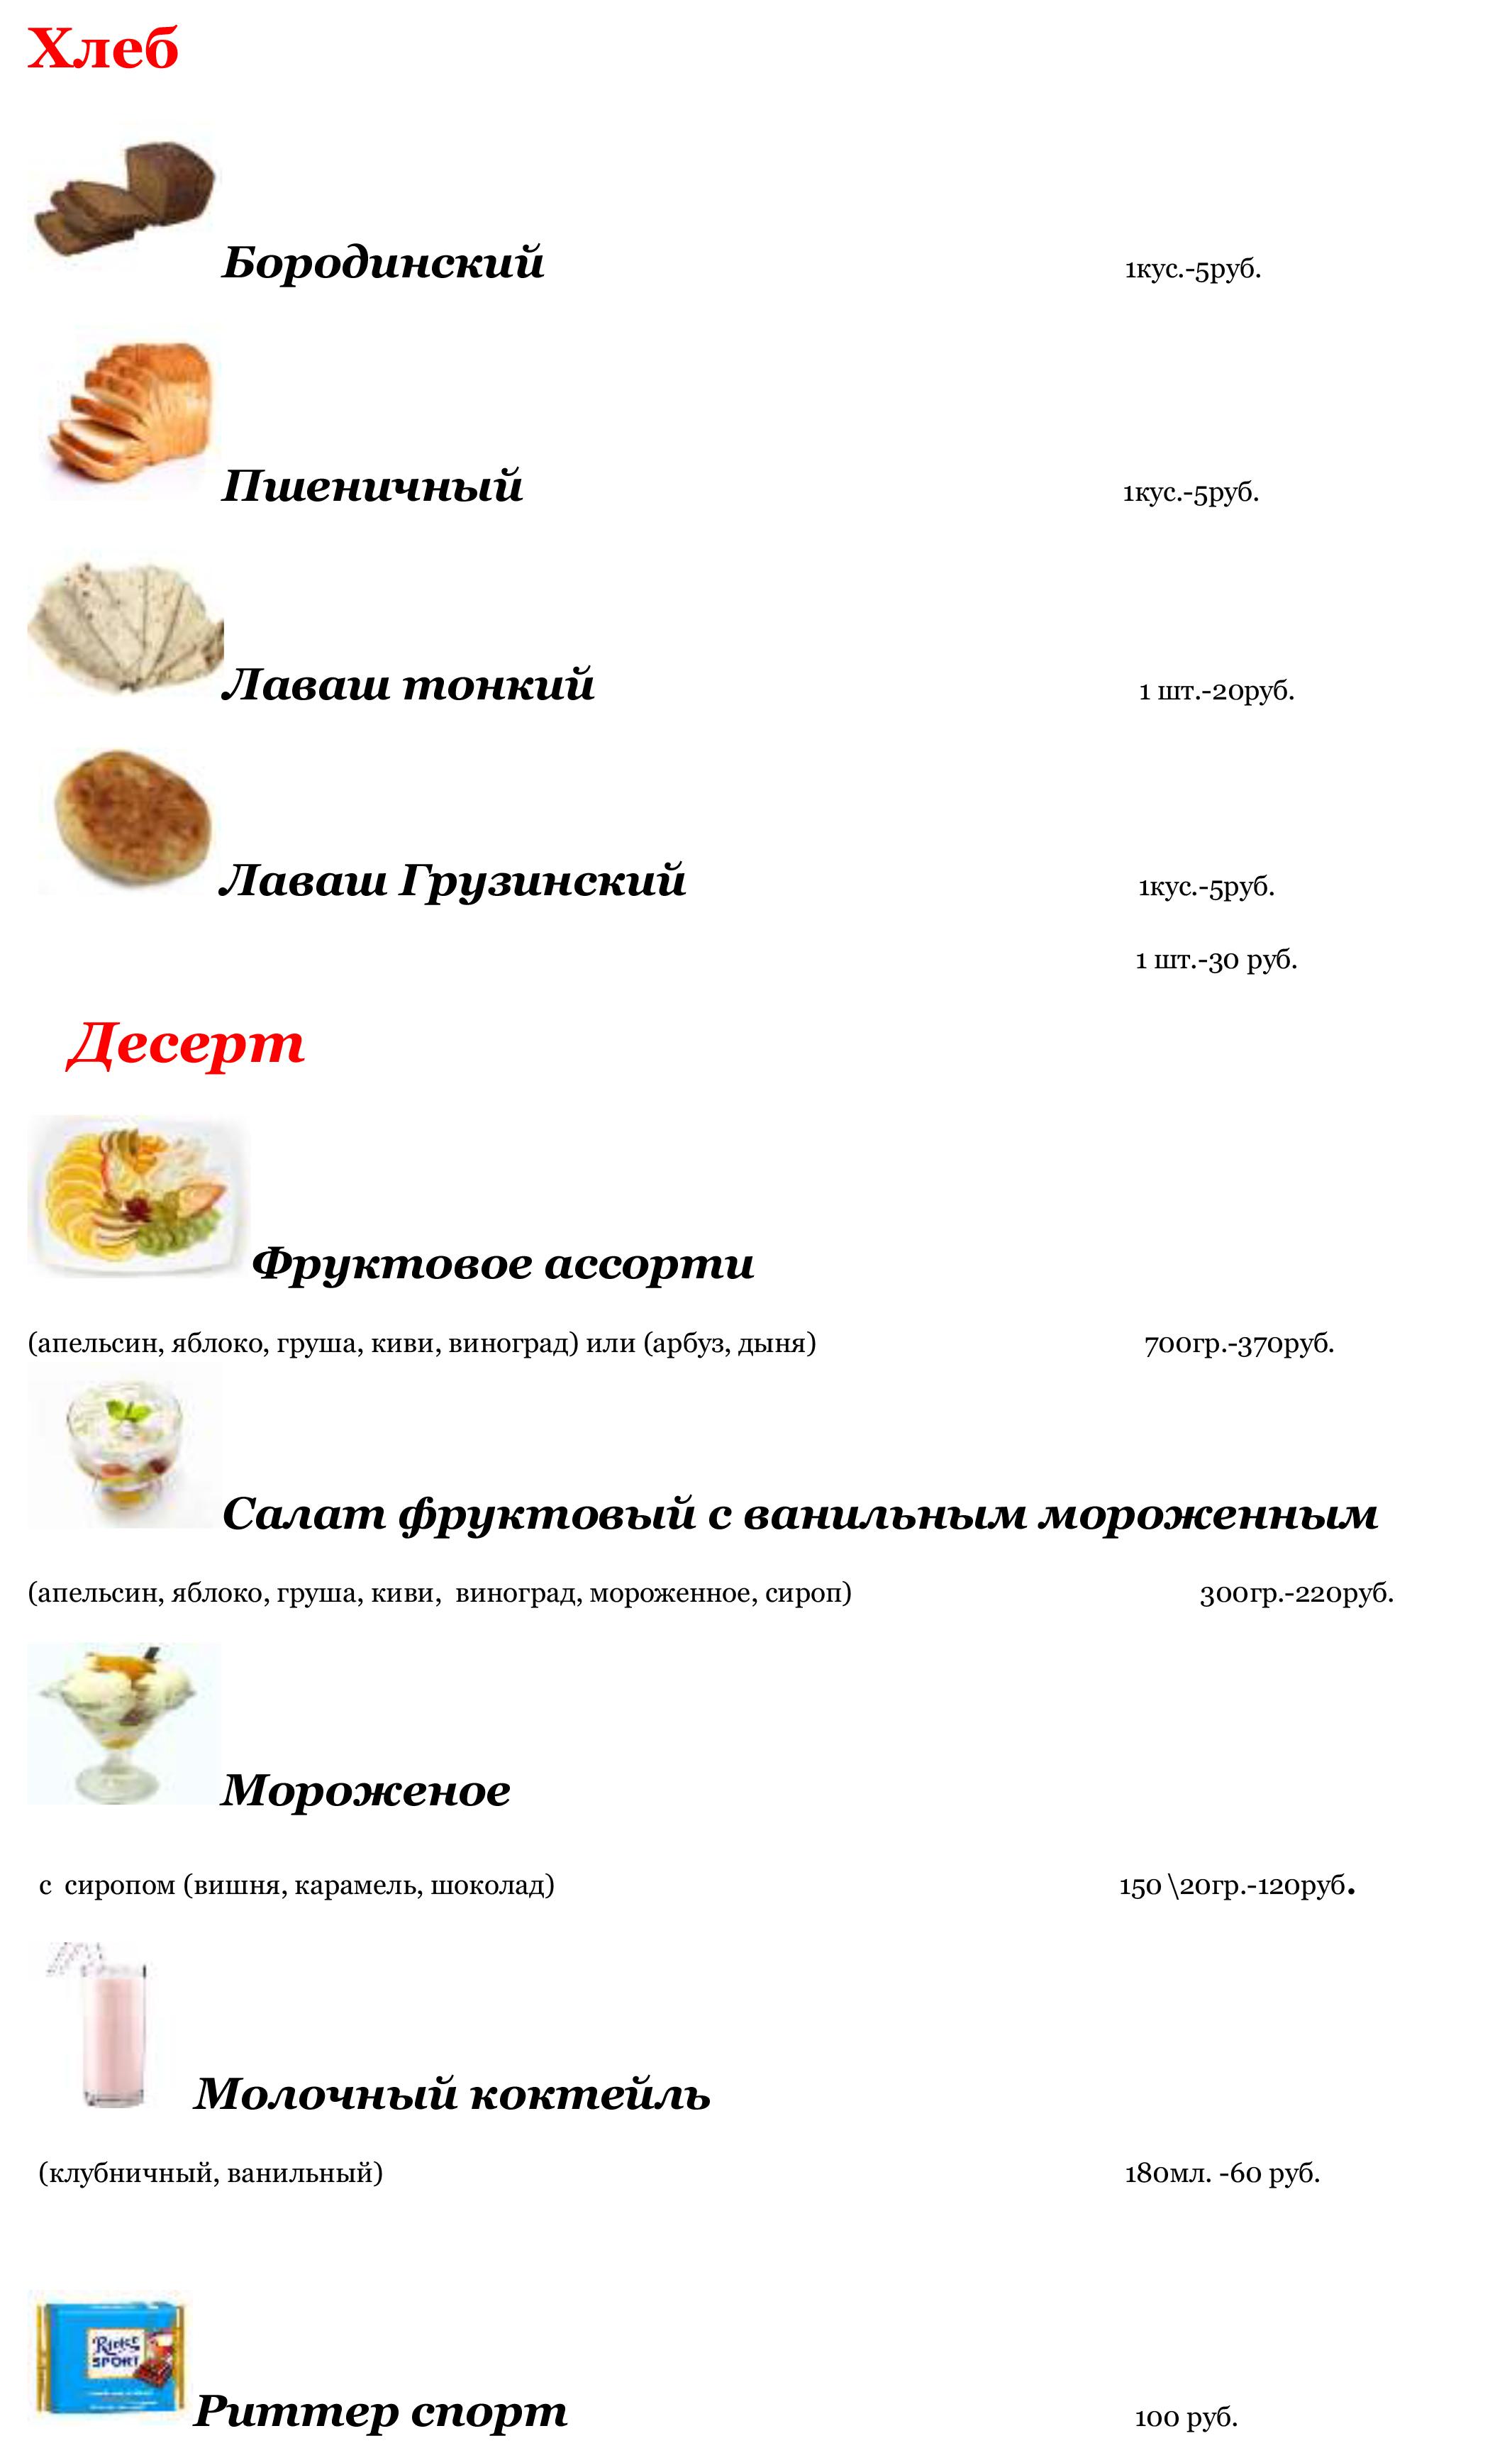 Меню кафе Сибирские луга 12